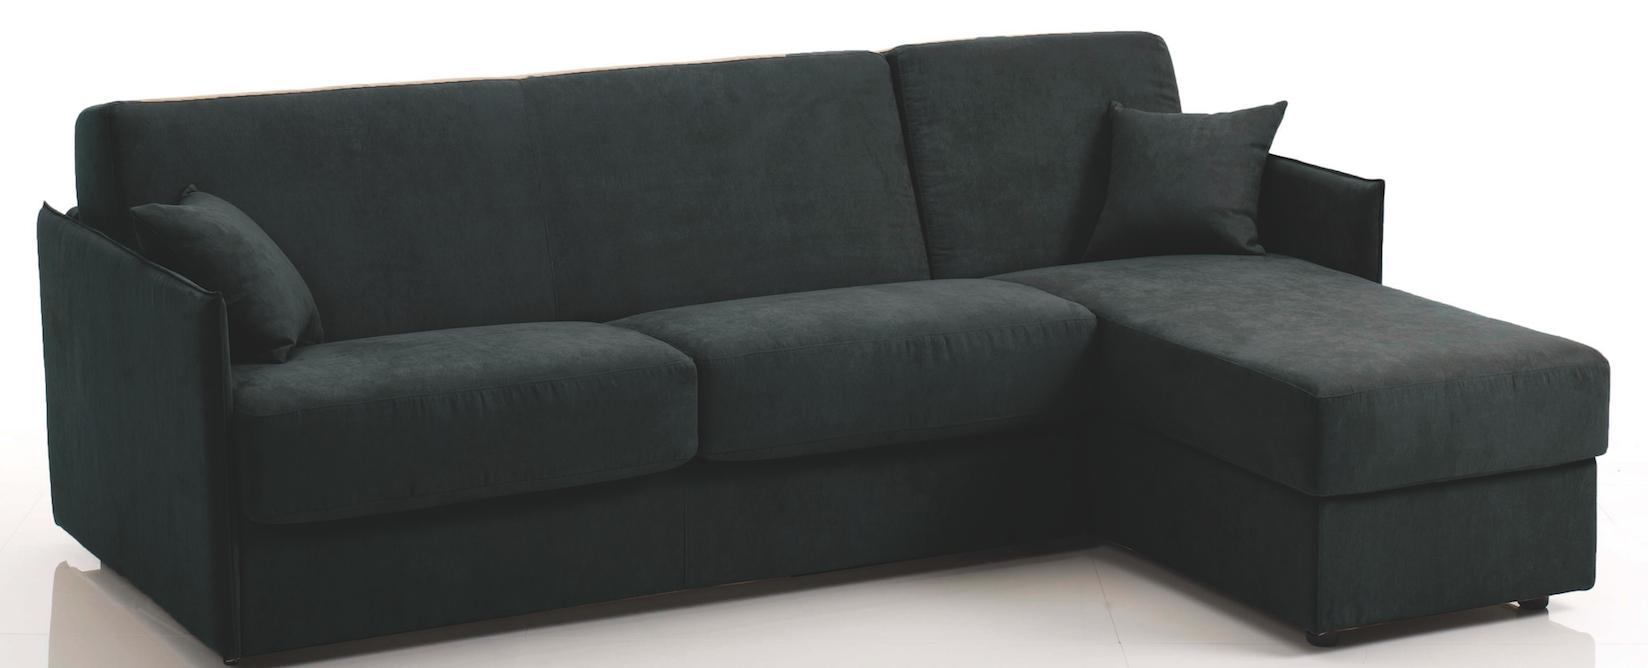 canap d 39 angle convertible rapido rev tement microfibre noir swelt mod le 2 places. Black Bedroom Furniture Sets. Home Design Ideas